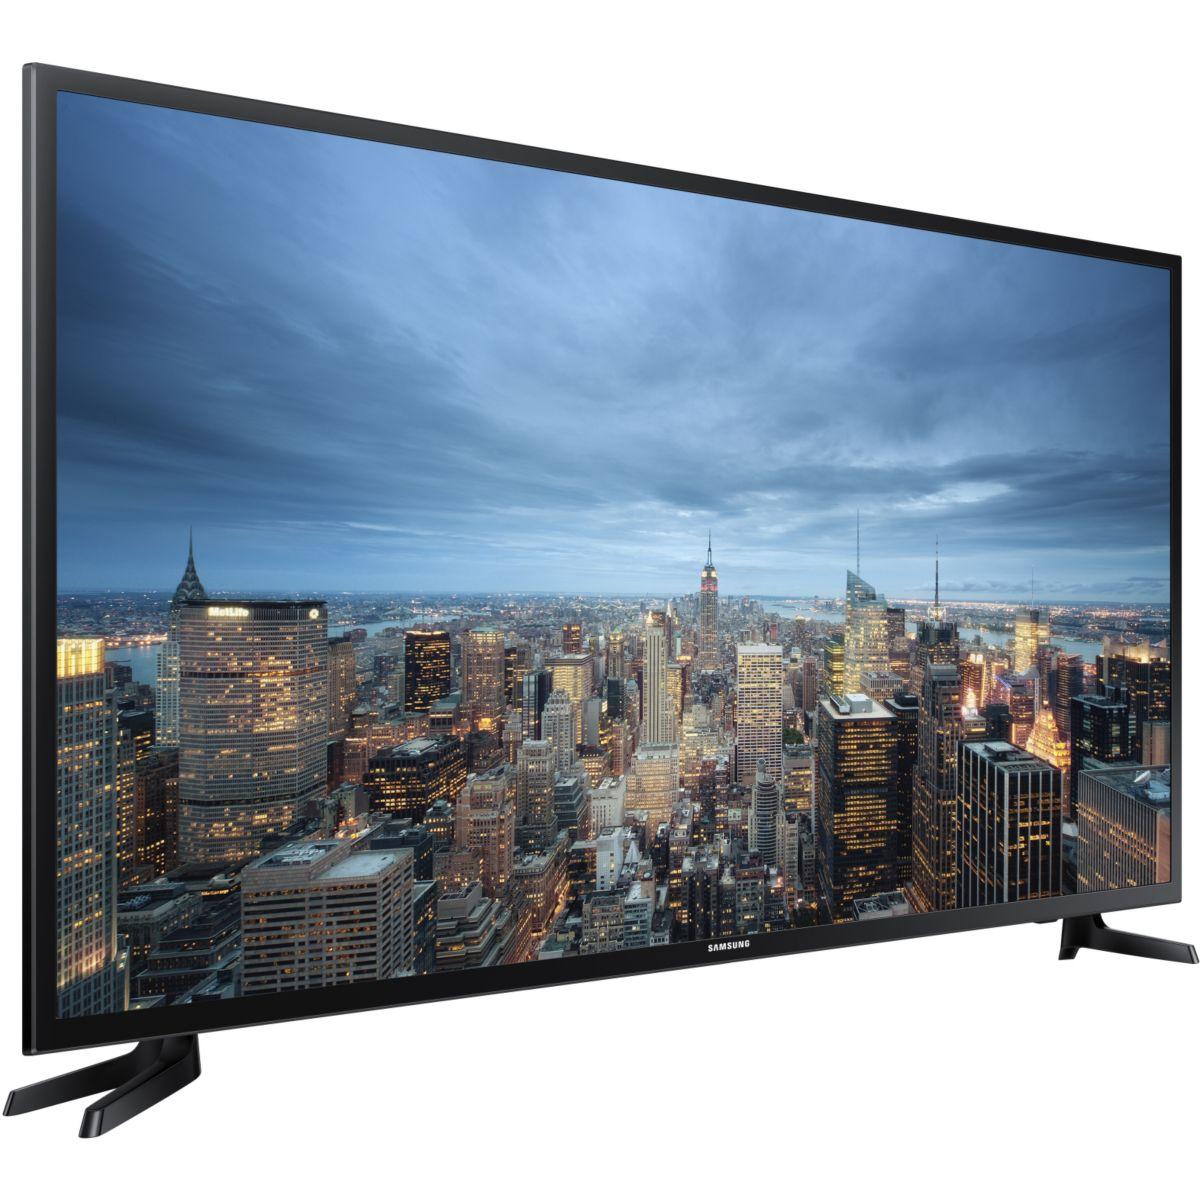 samsung ue40ju6000 t l viseur led 4k 101 cm smart tv comparer avec. Black Bedroom Furniture Sets. Home Design Ideas